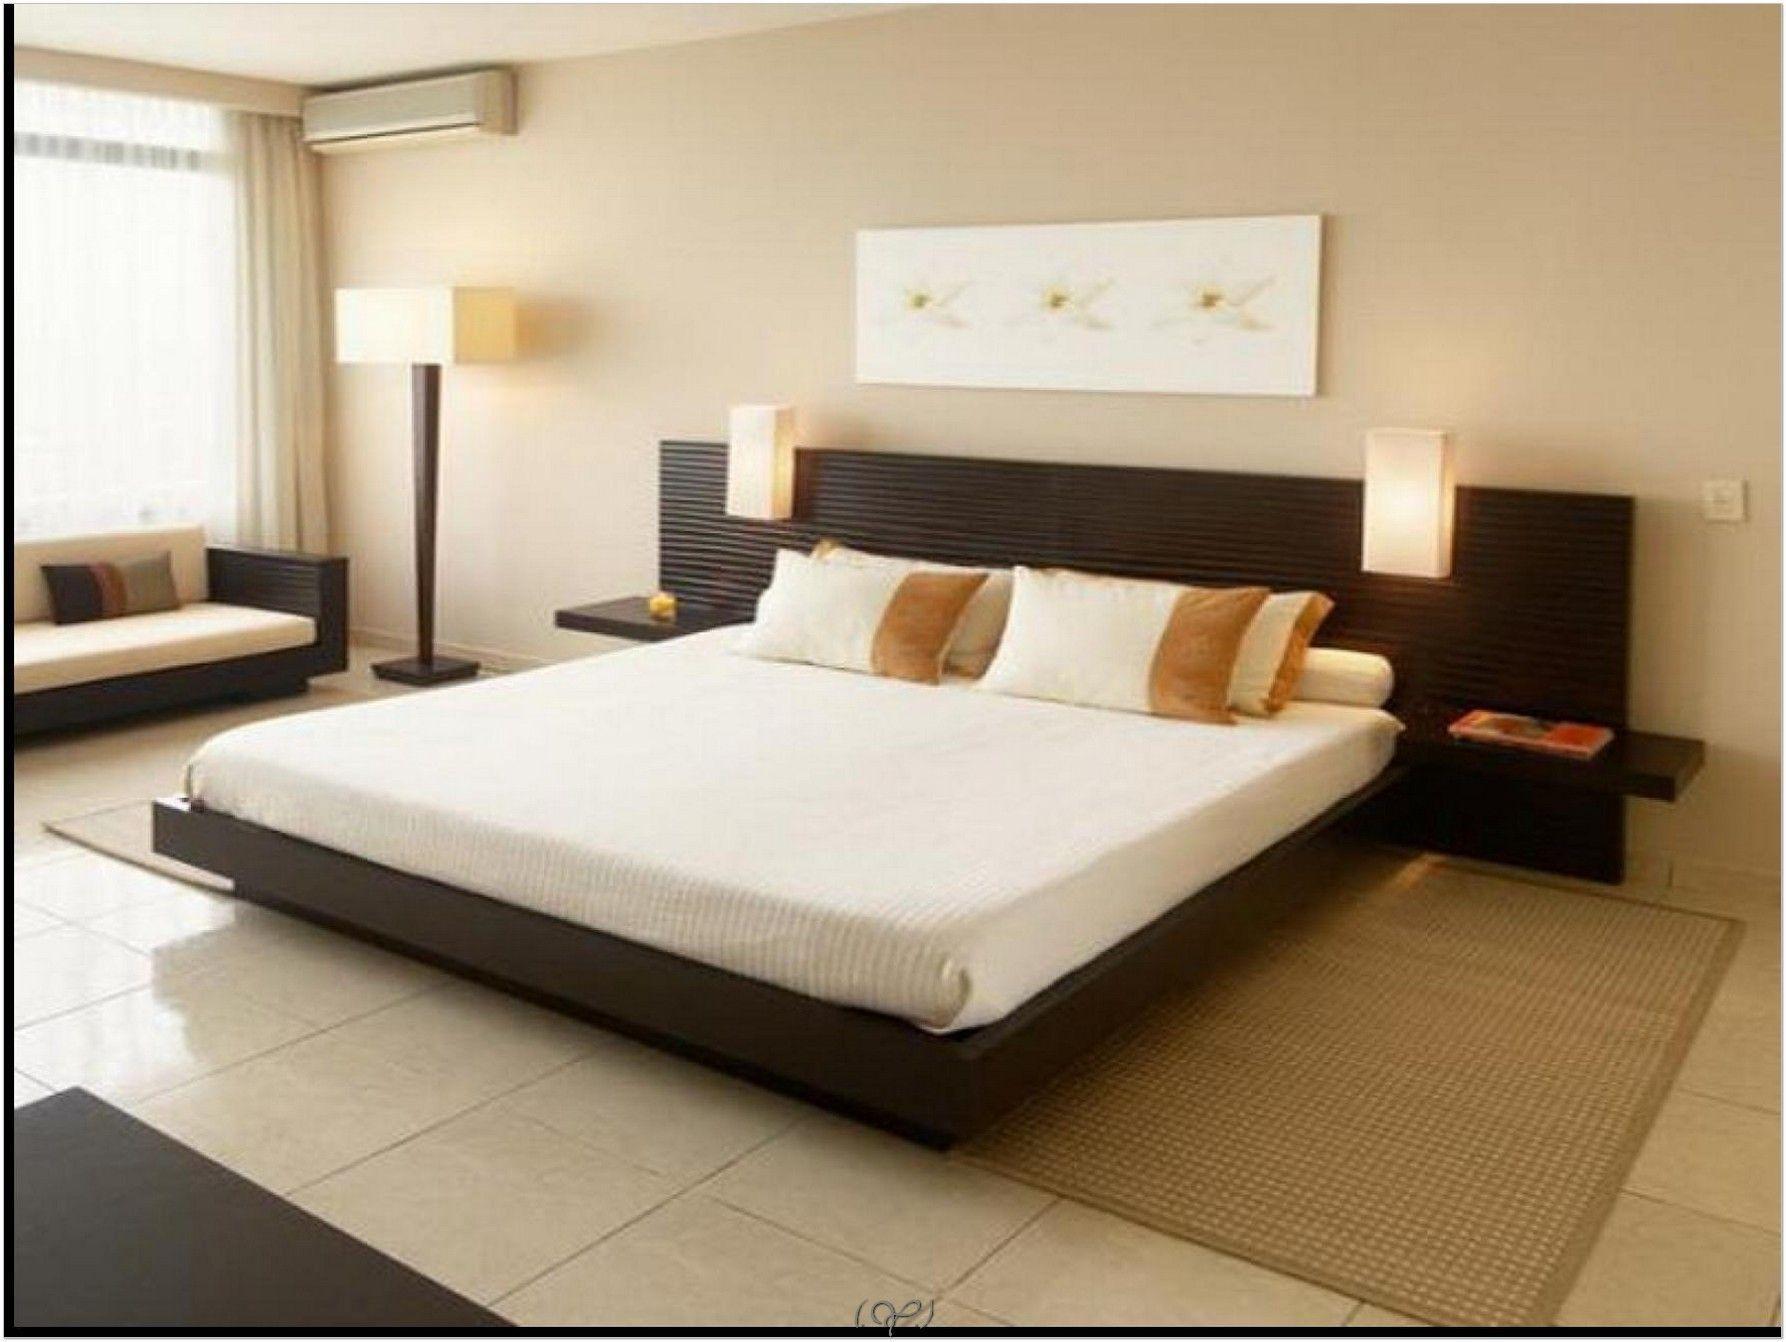 Futuristic Beds